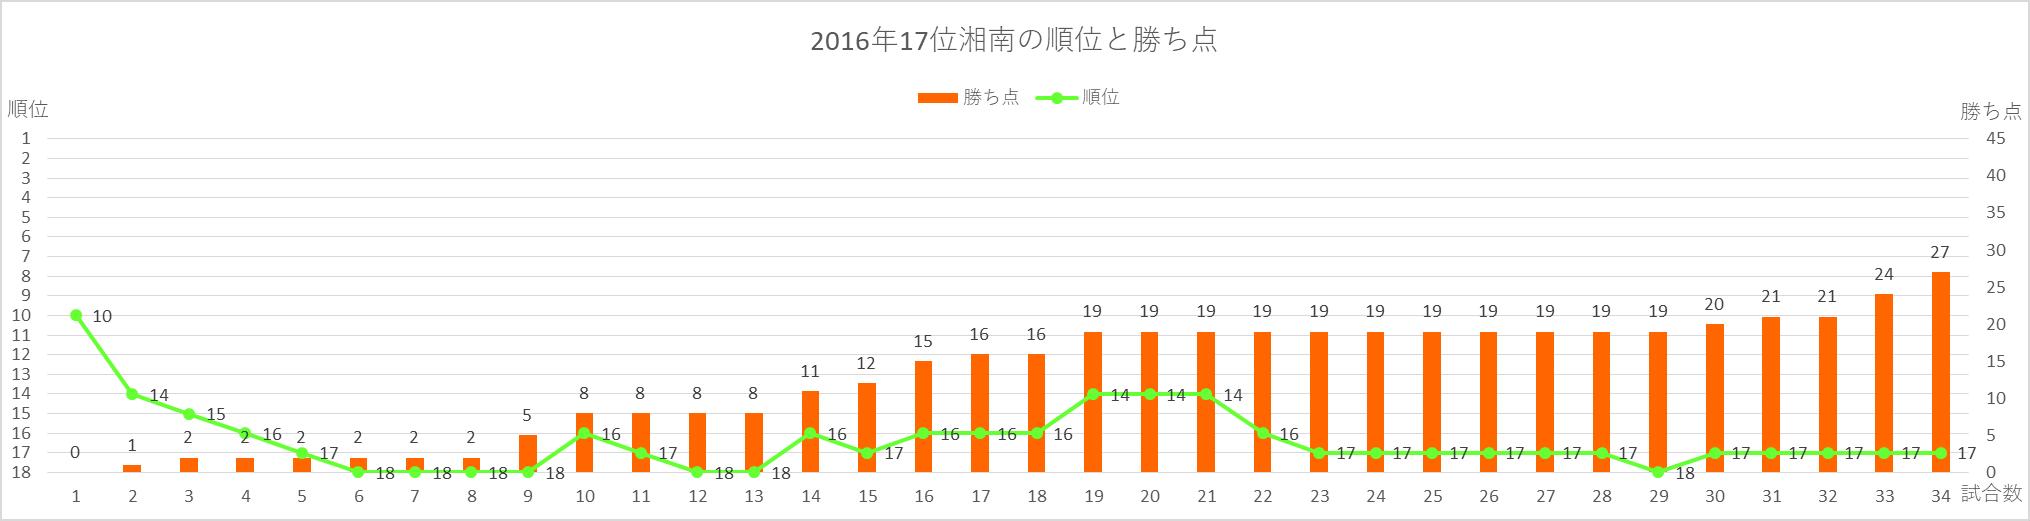 2016年湘南の順位と勝ち点の推移